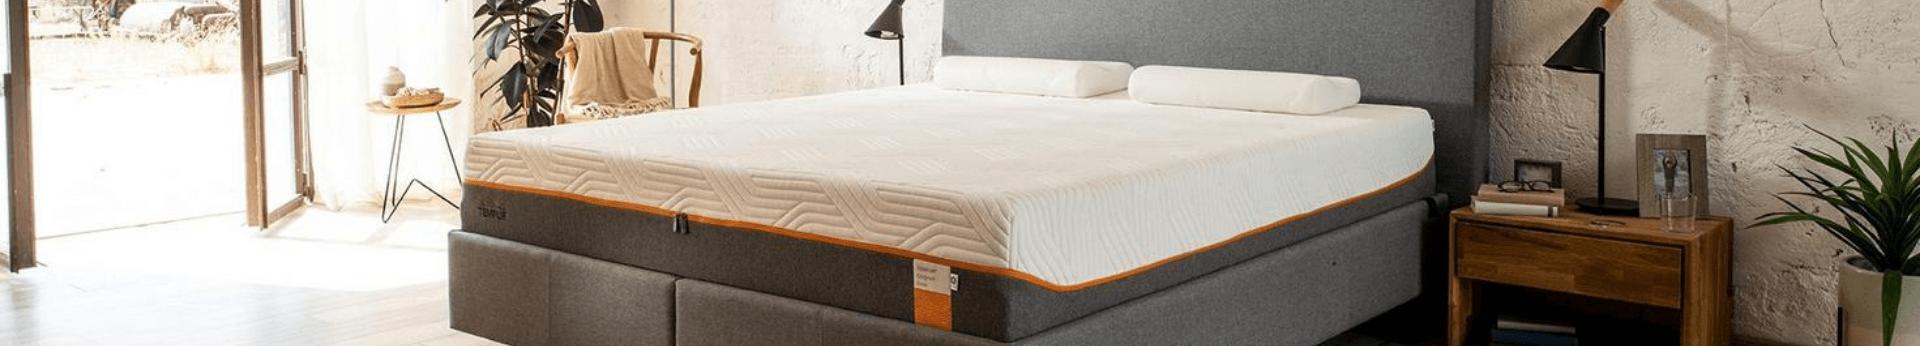 tempur tous les matelas tempur et oreillers tempur aux meilleurs prix. Black Bedroom Furniture Sets. Home Design Ideas